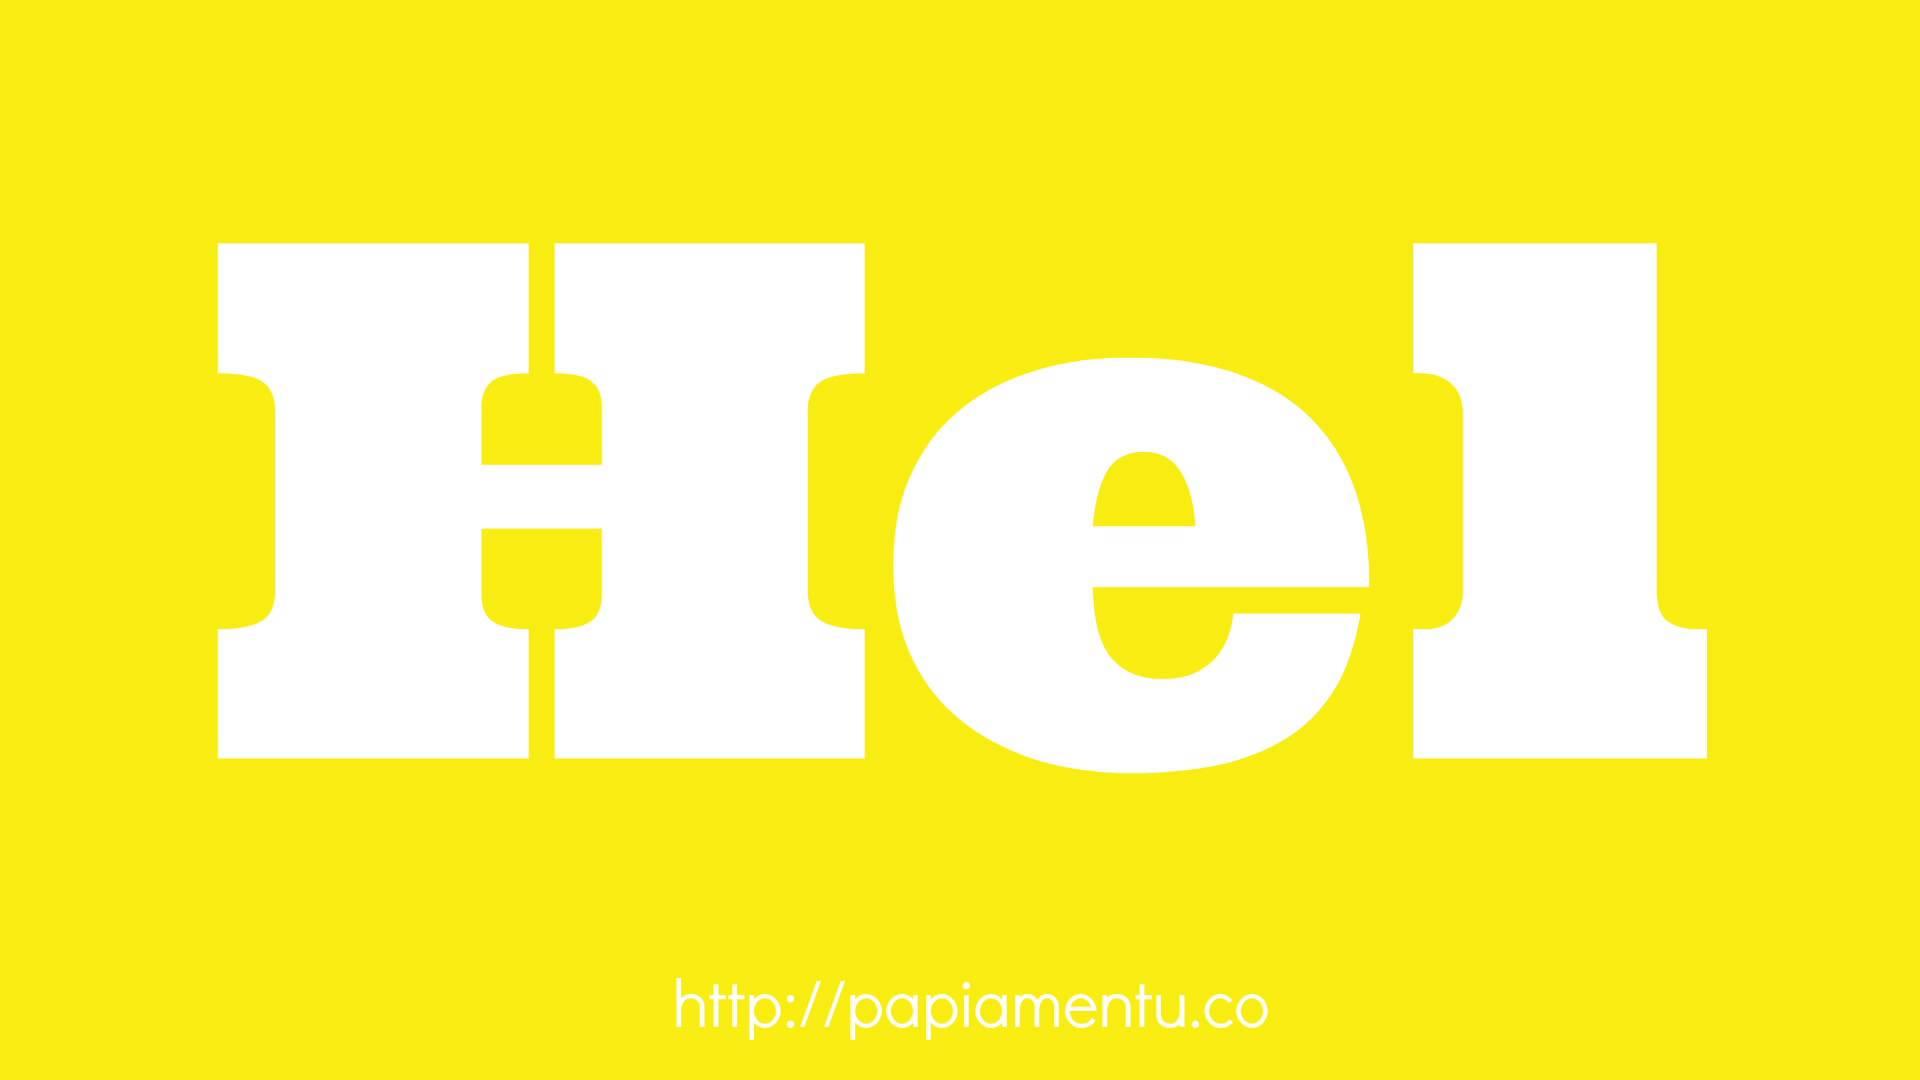 Zo zeg je geel in papiaments - Papiamentu.co